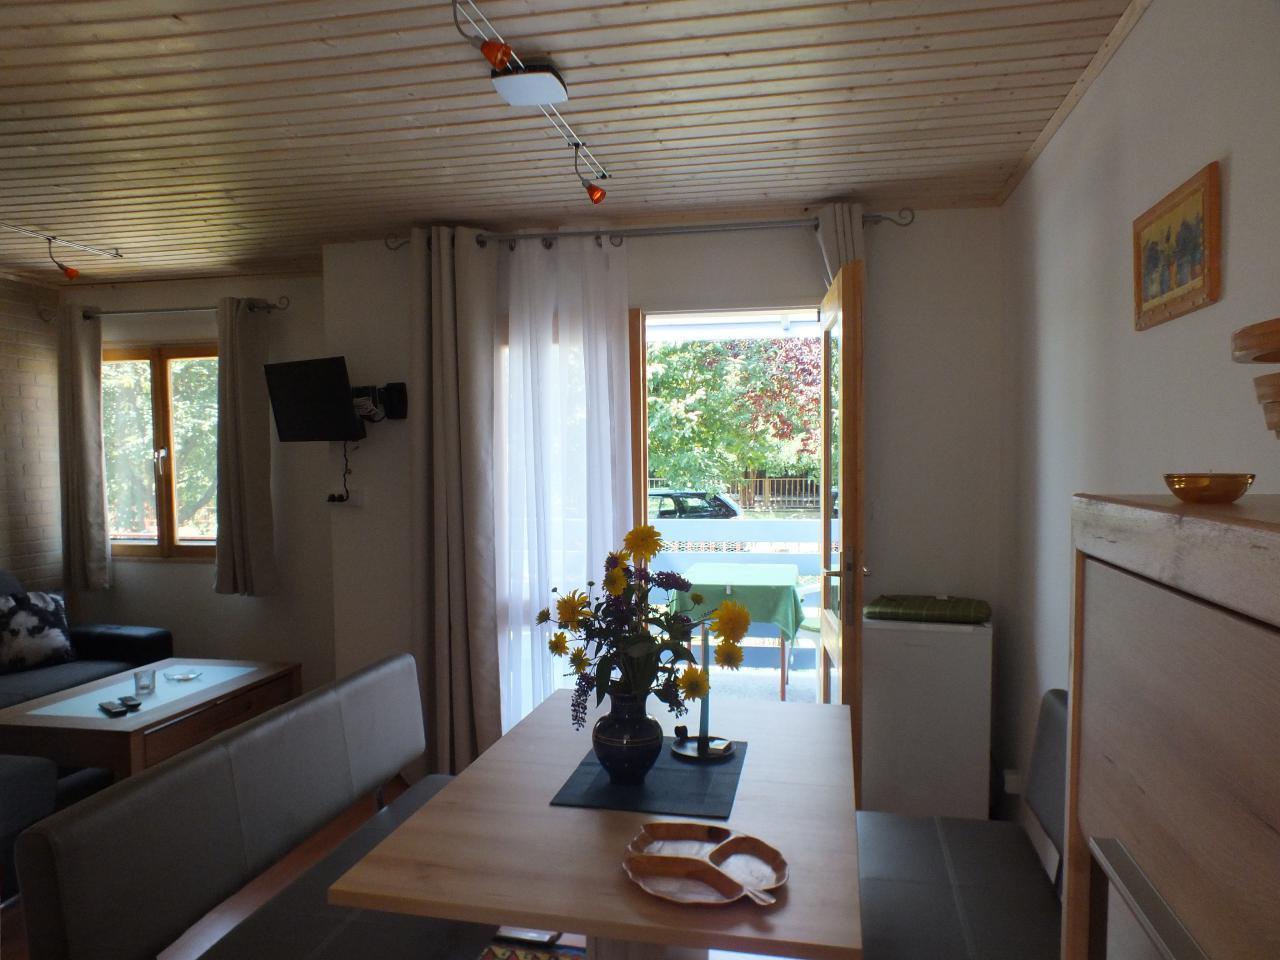 Ferienhaus mit eingezäuntem Gartengrundstück in direkter Nähe zum Thermalbad ideal für erholsamen Urlaub und Tagesausflüge